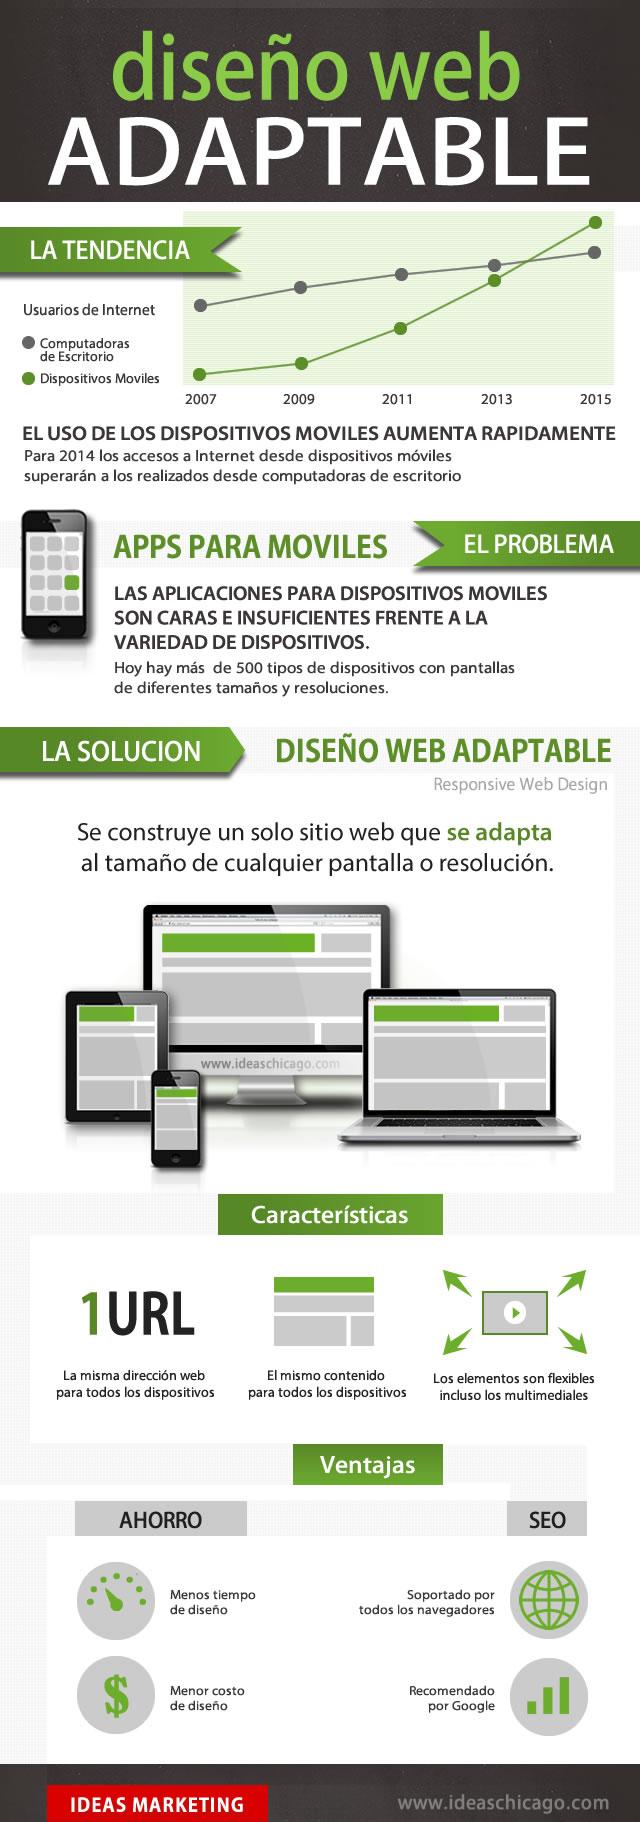 Diseño Web Adaptable